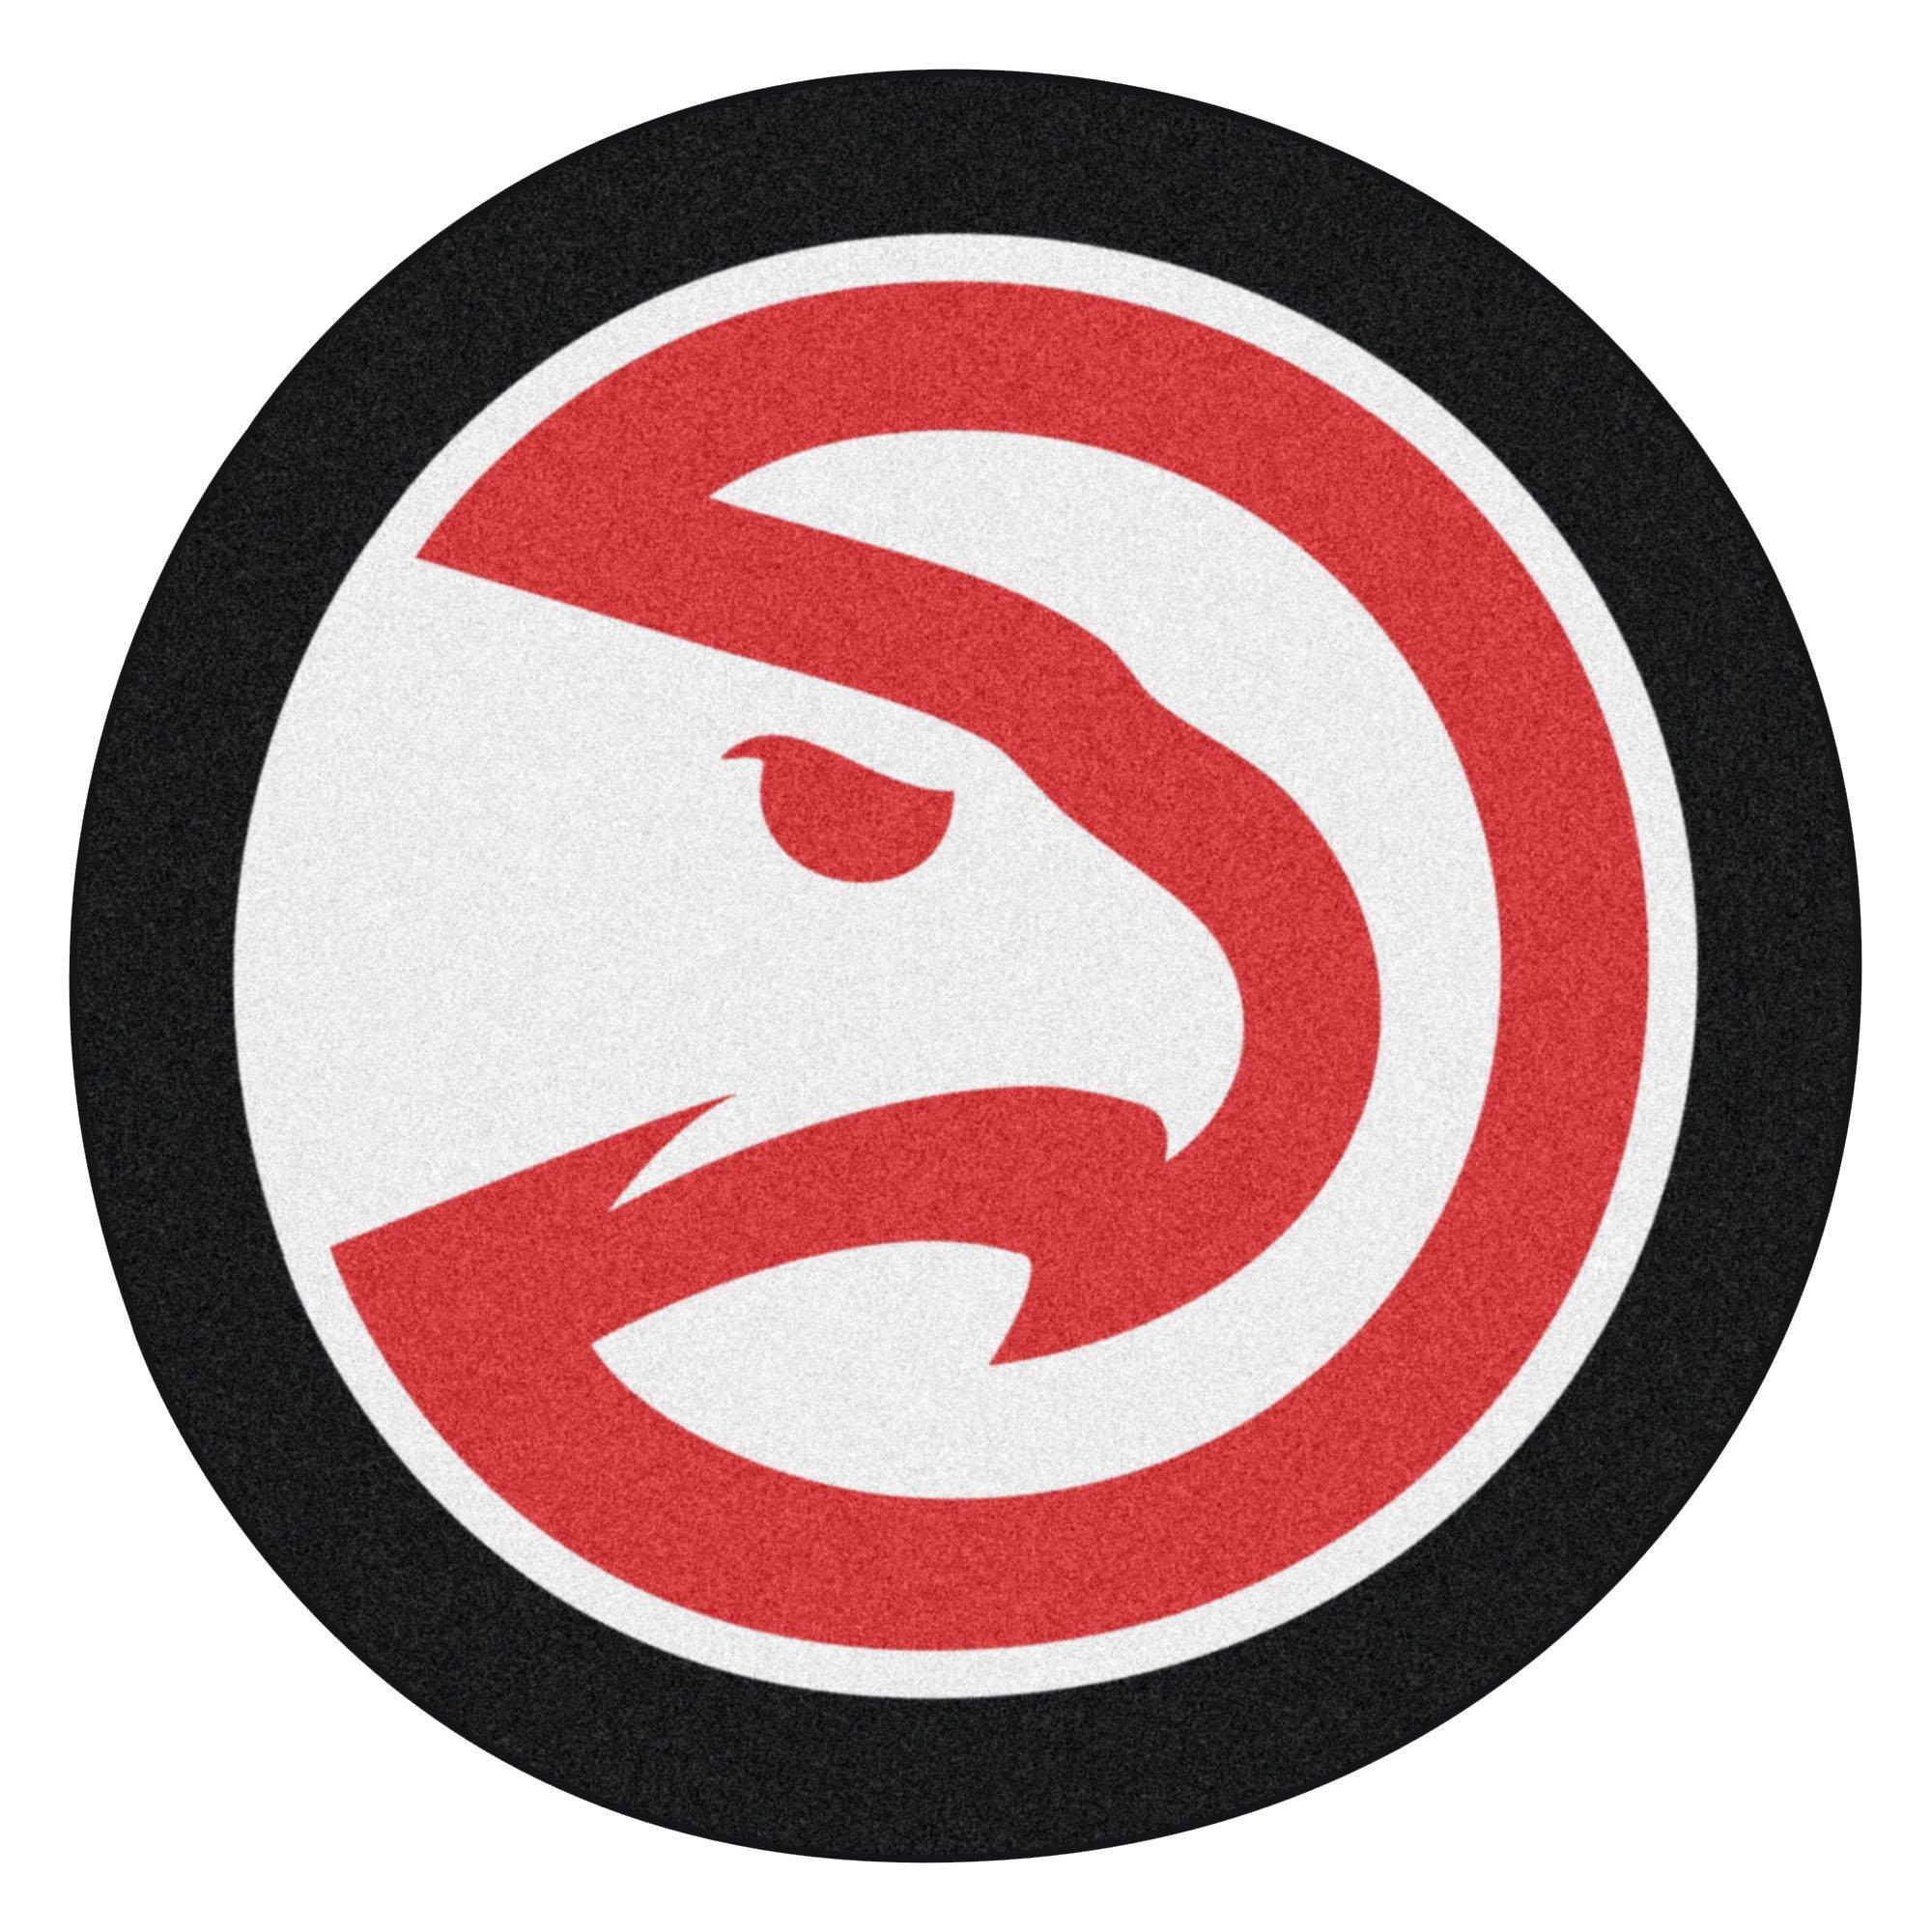 Fanmats 21331 NBA - Atlanta Hawks Mascot Mat, Team Color, 3' x 4'